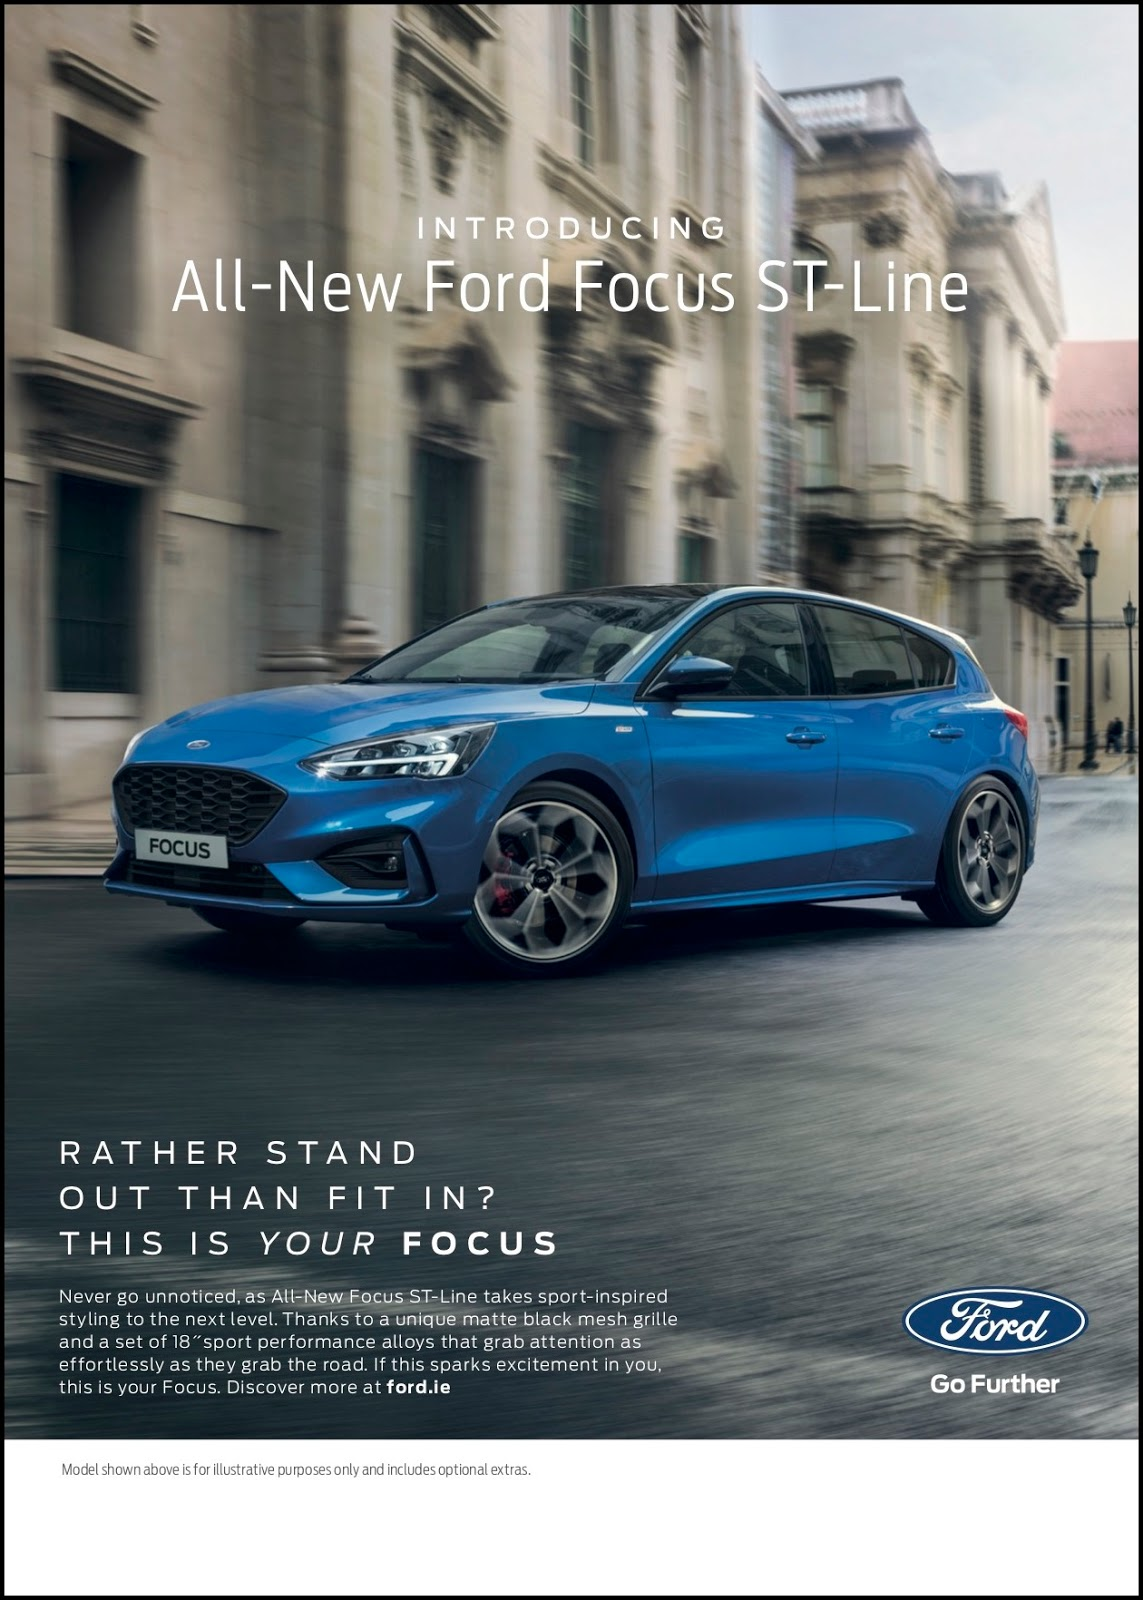 5a6994c333 The new Focus is on sale now in five-door hatchback